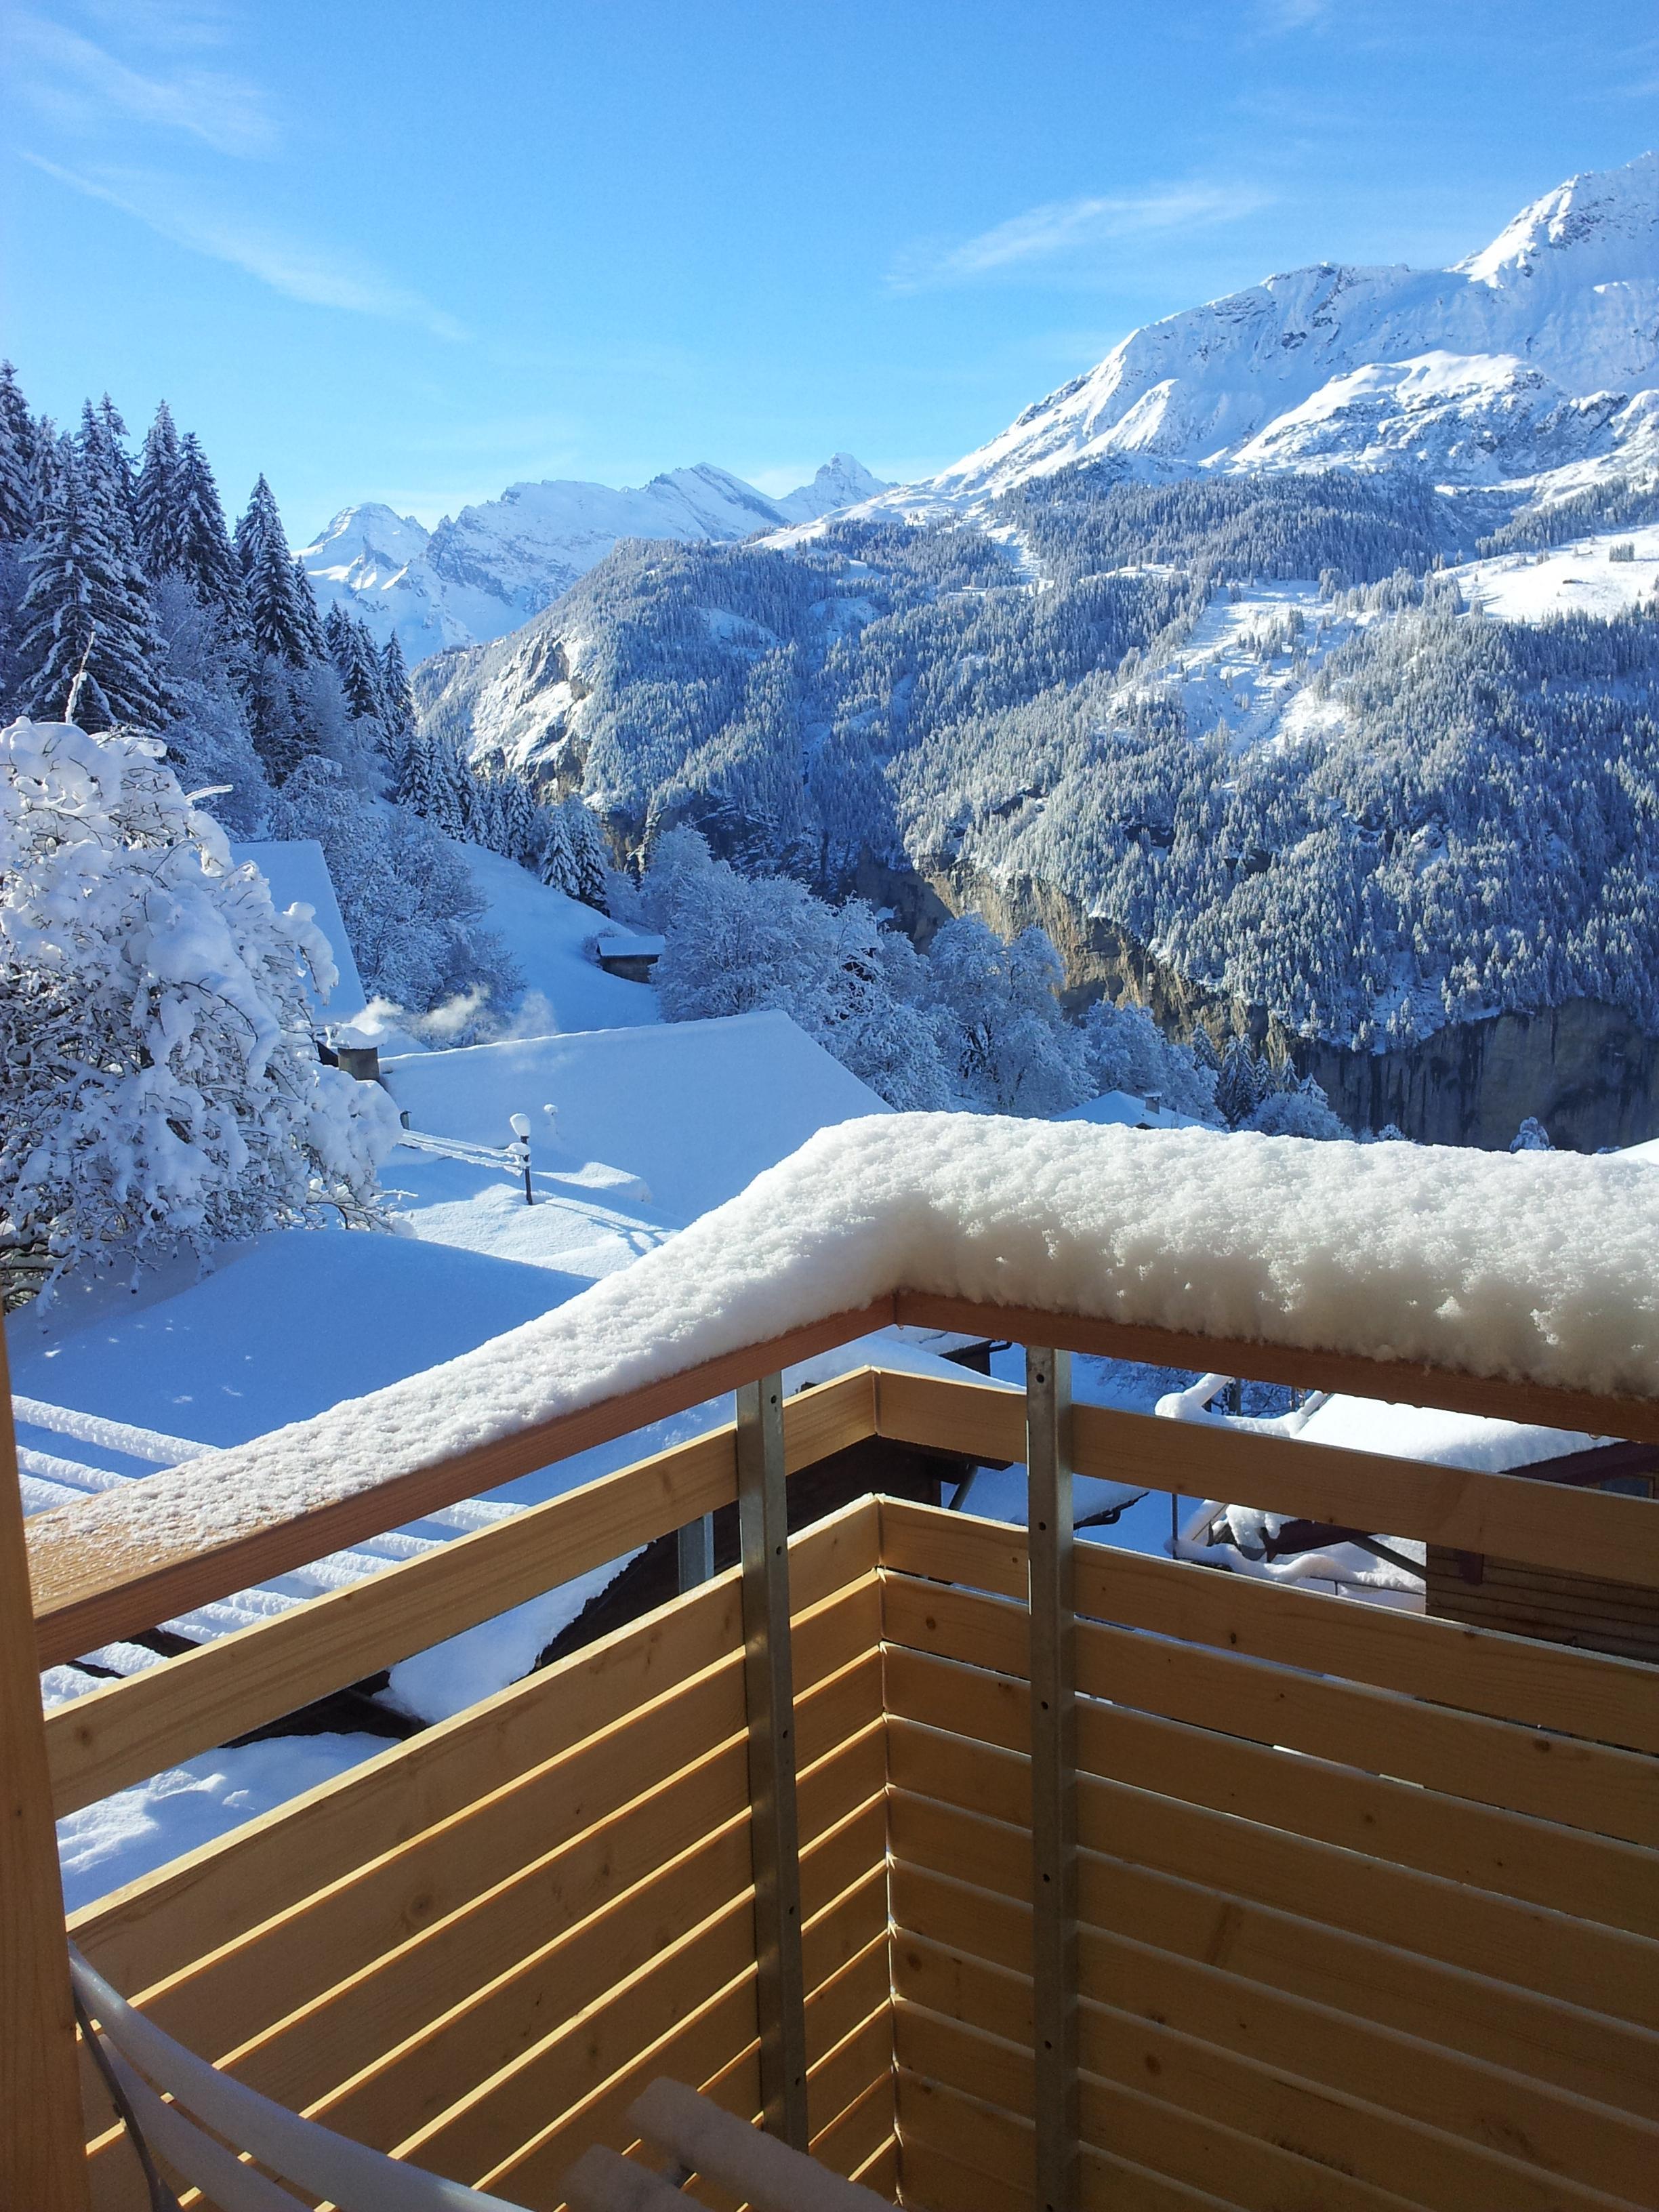 Ferienwohnung Viola 2 Bett Wohnung Obj. W2021 (918258), Wengen, Jungfrauregion, Berner Oberland, Schweiz, Bild 8